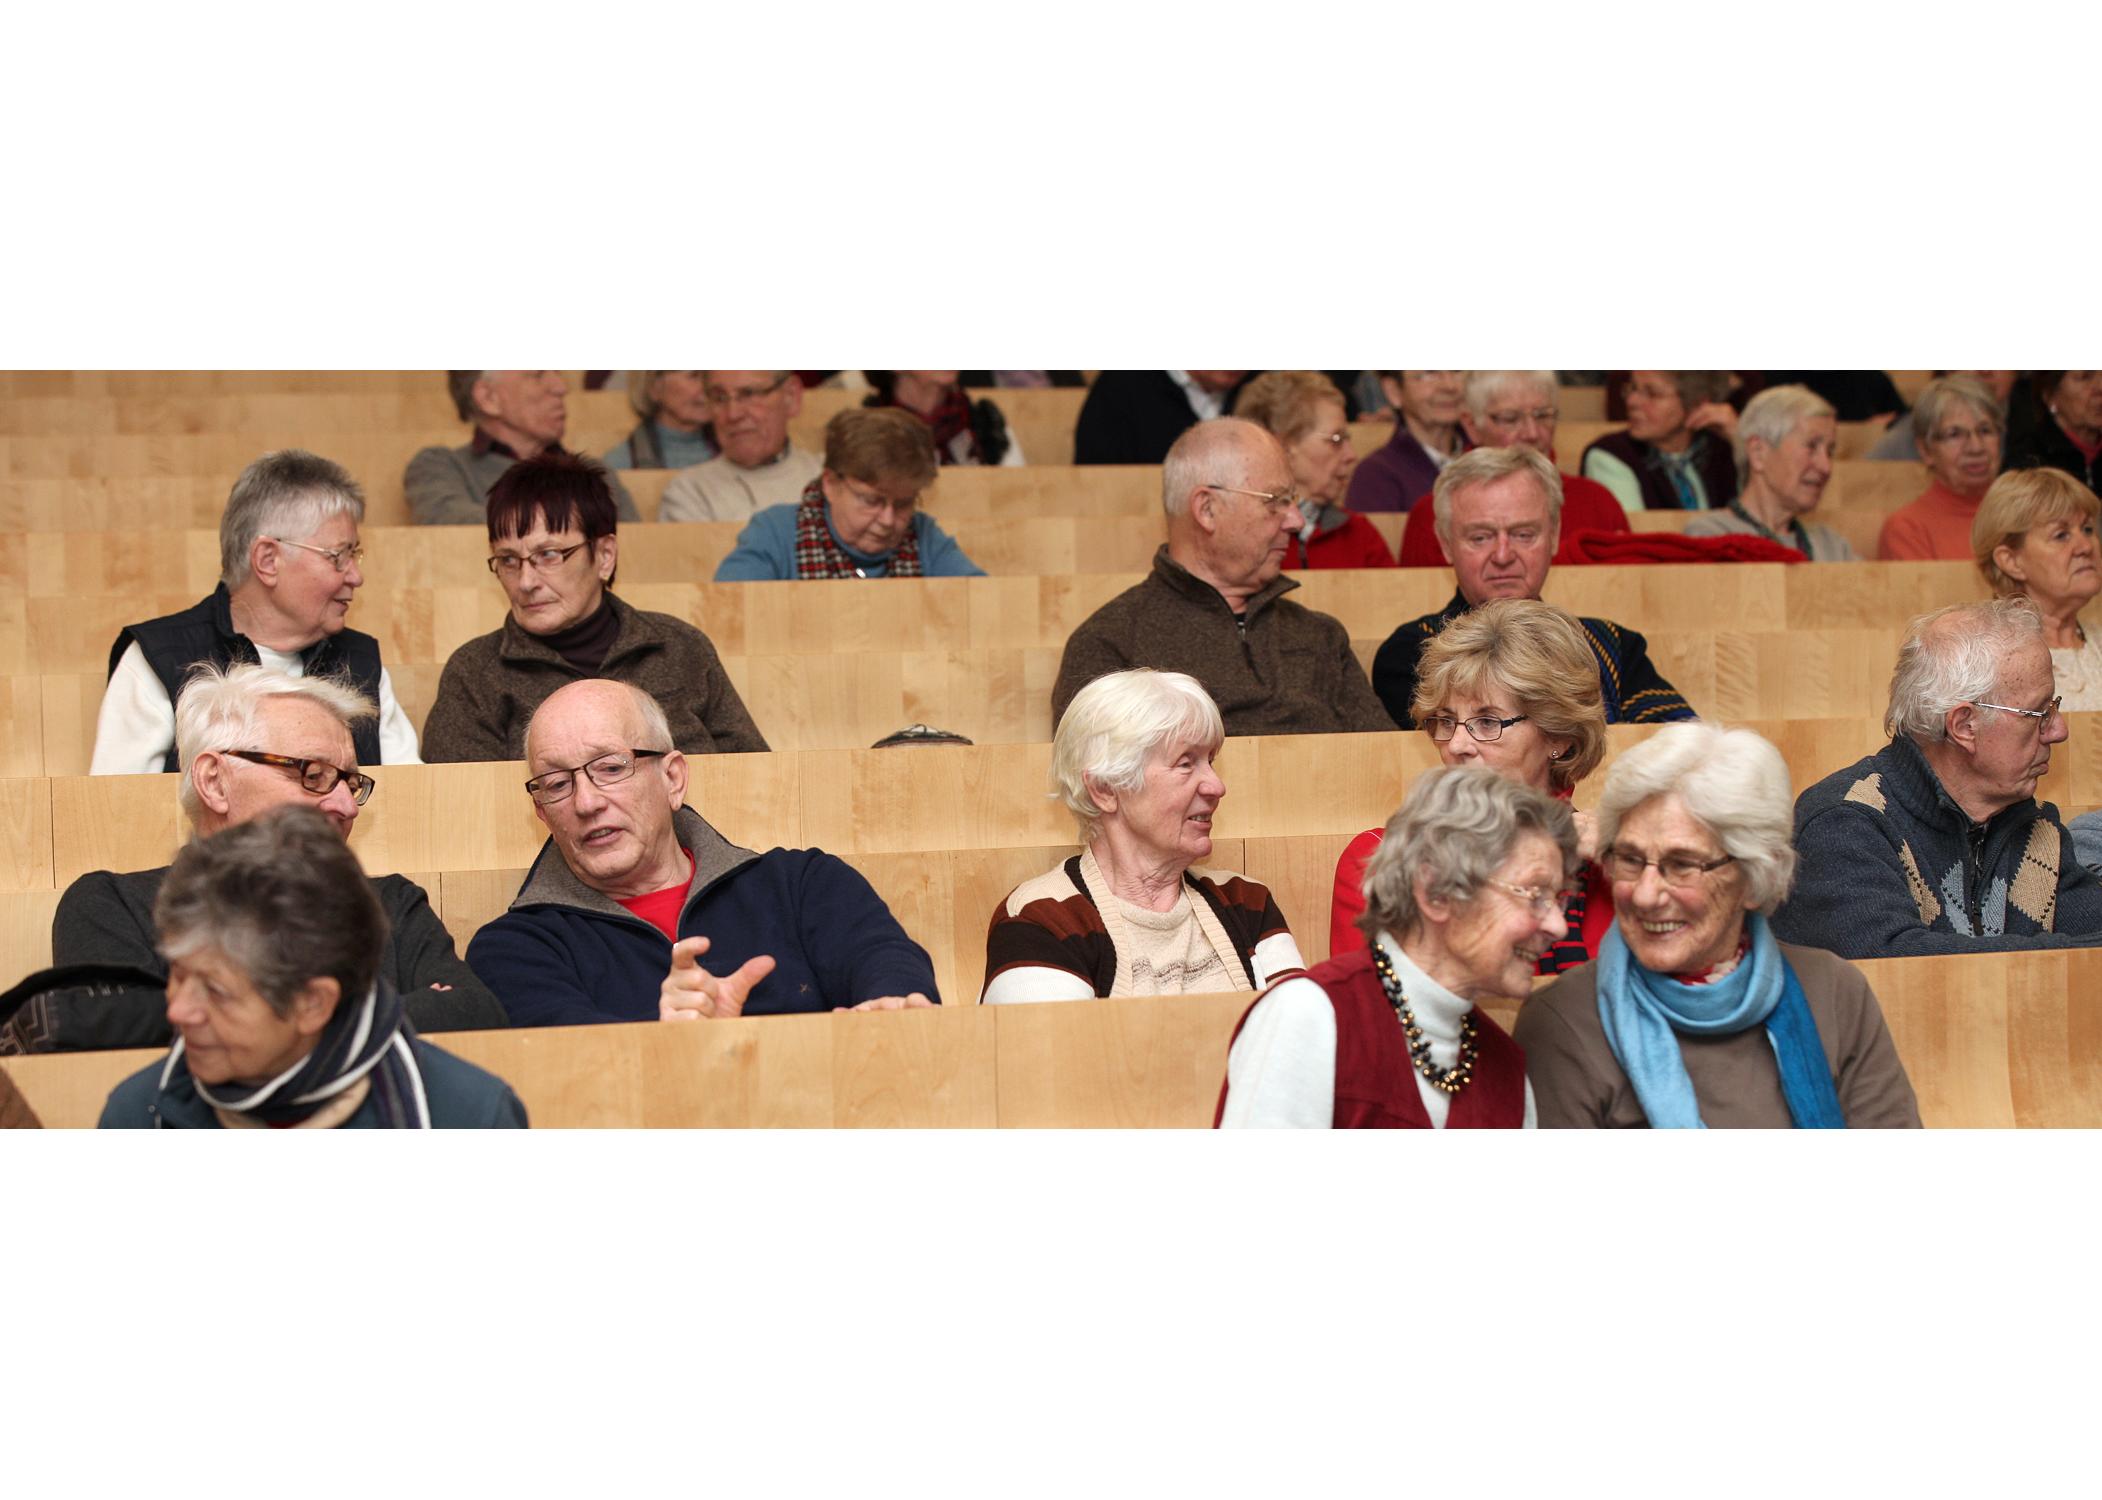 Seniorenakademie Rostock